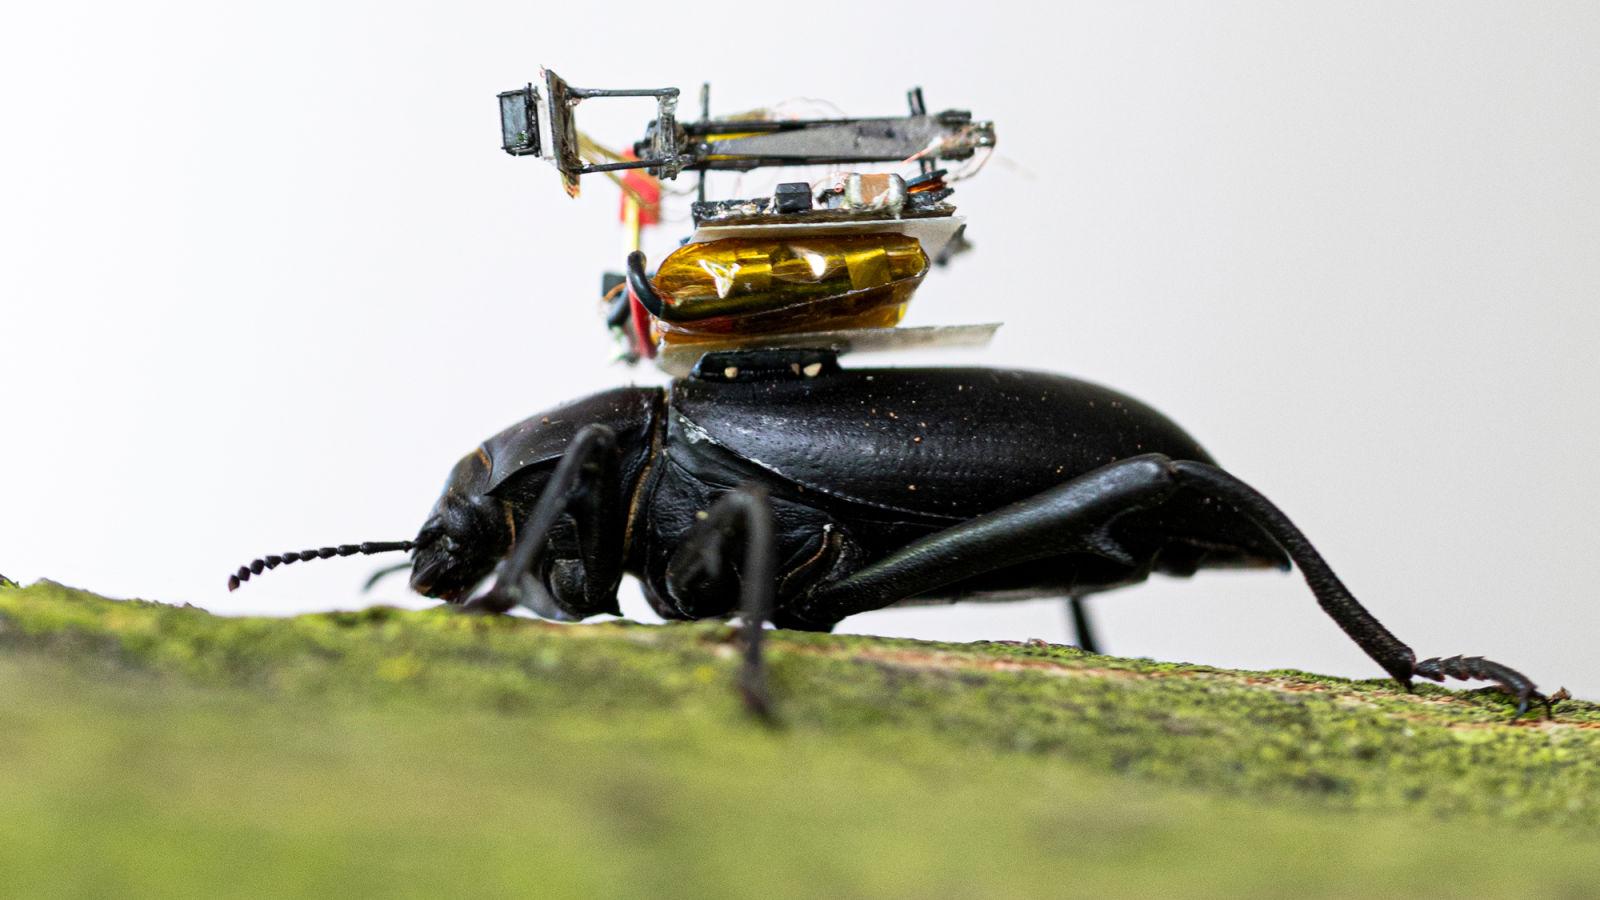 Detalhe da câmera sob o casco do besouro. Crédito: Mark Stone/University of Washington